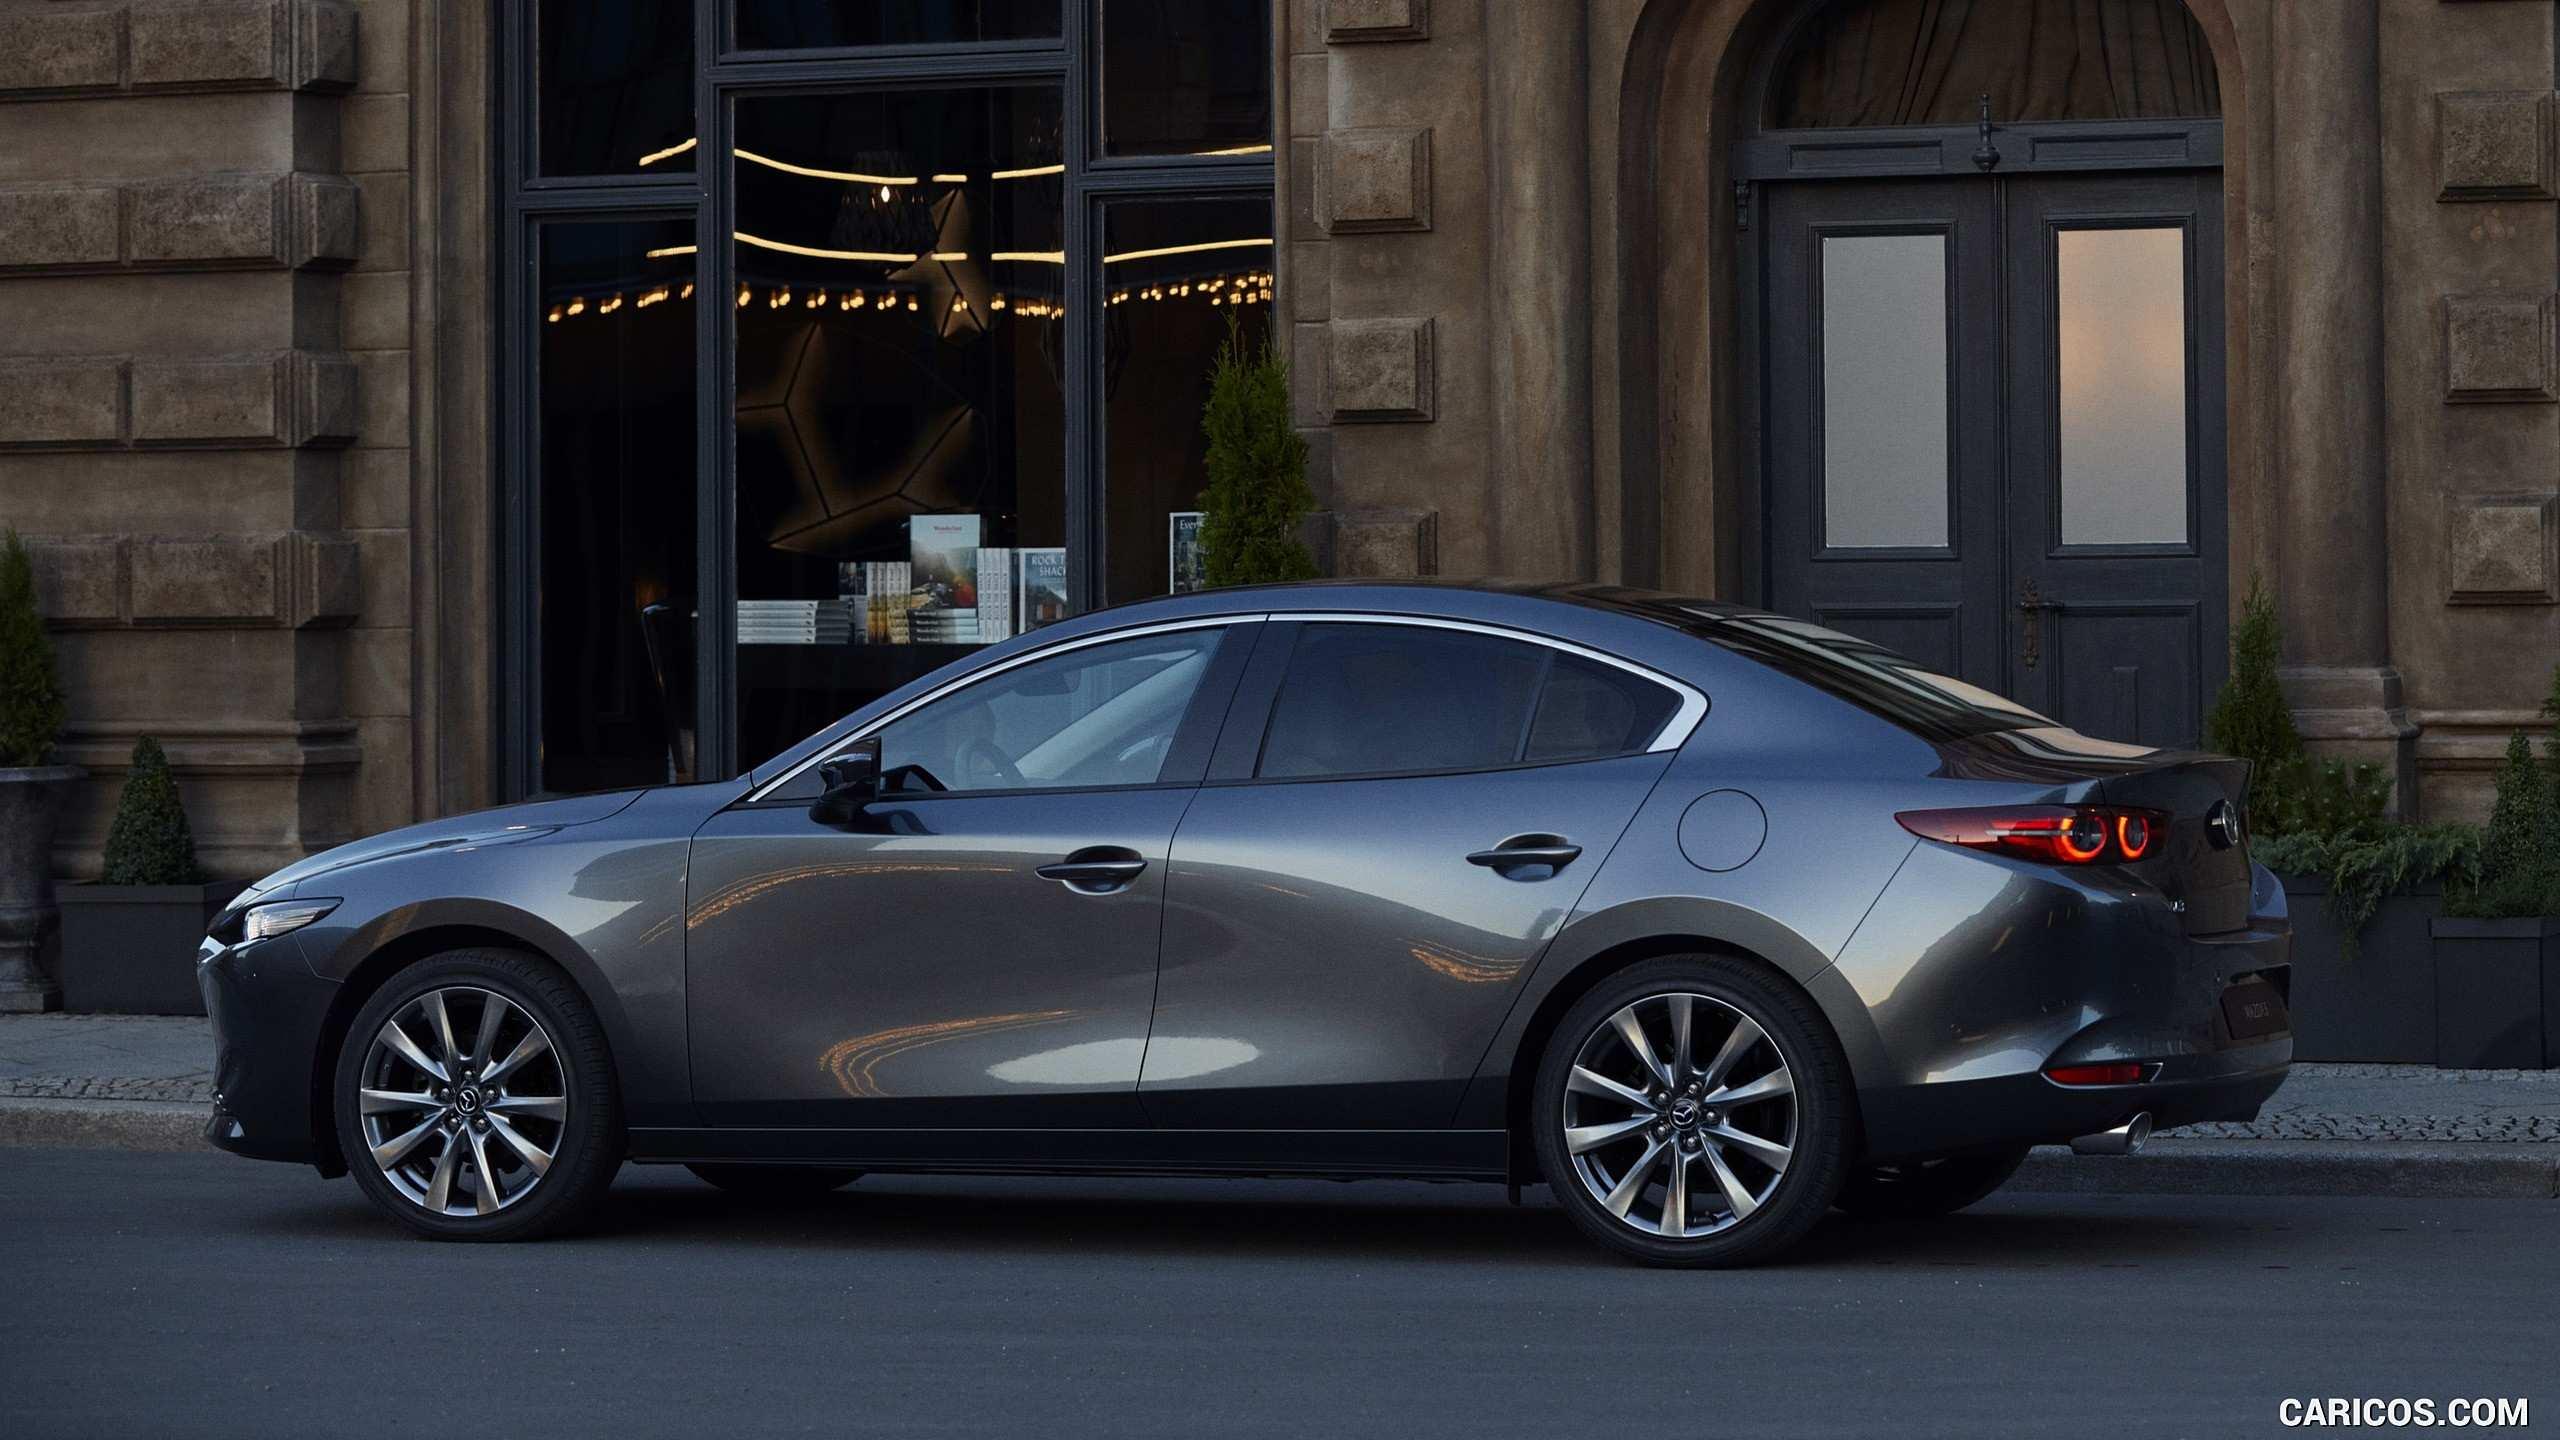 34 Concept of Mazda 2019 Lanzamiento Exterior And Interior Review Prices with Mazda 2019 Lanzamiento Exterior And Interior Review